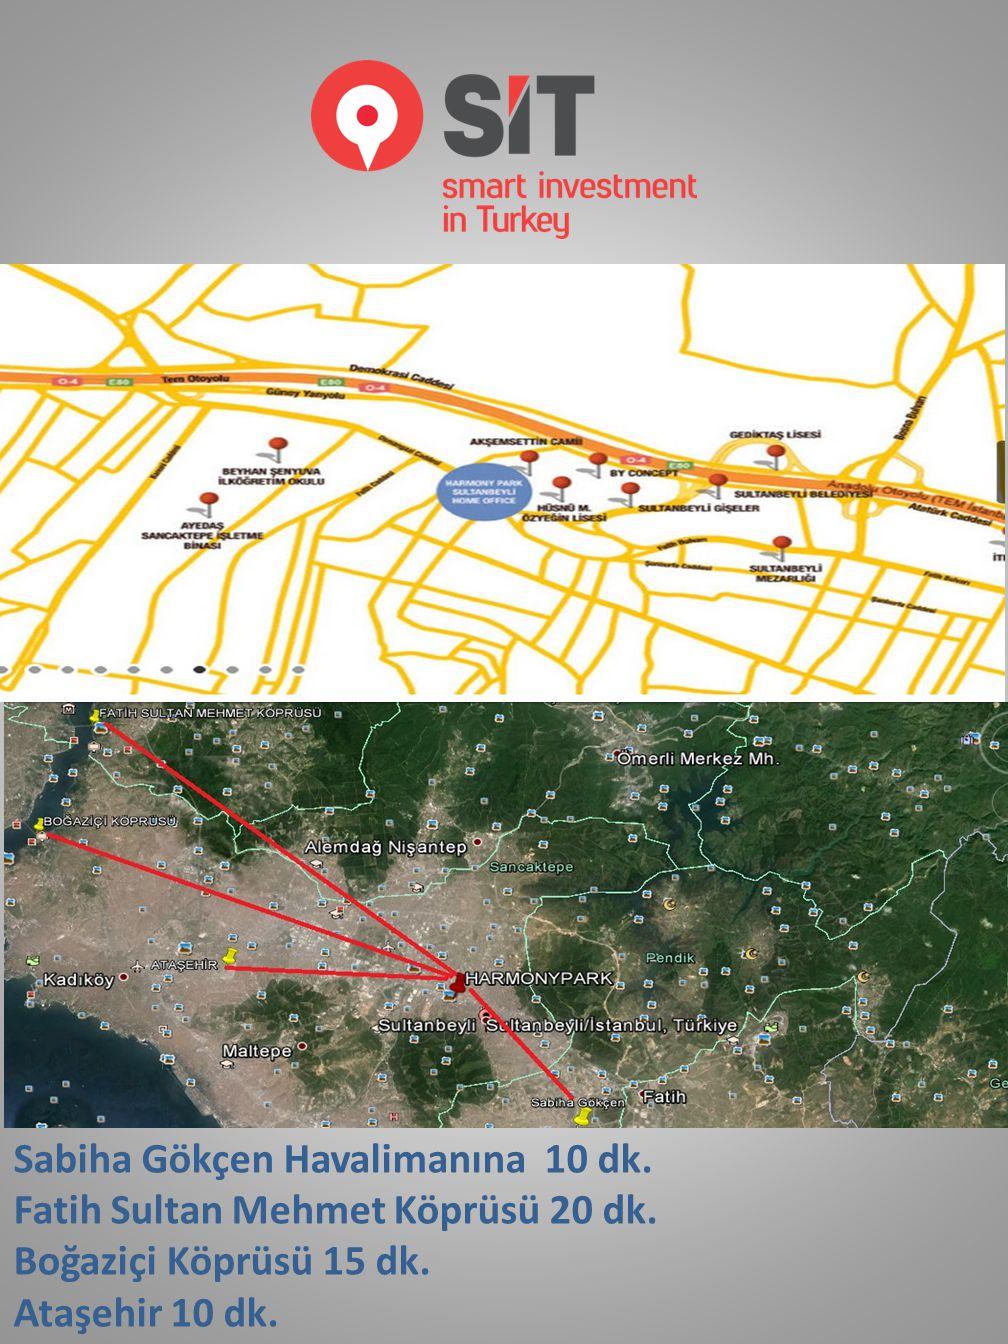 Sabiha Gökçen Havalimanına 10 dk. Fatih Sultan Mehmet Köprüsü 20 dk.